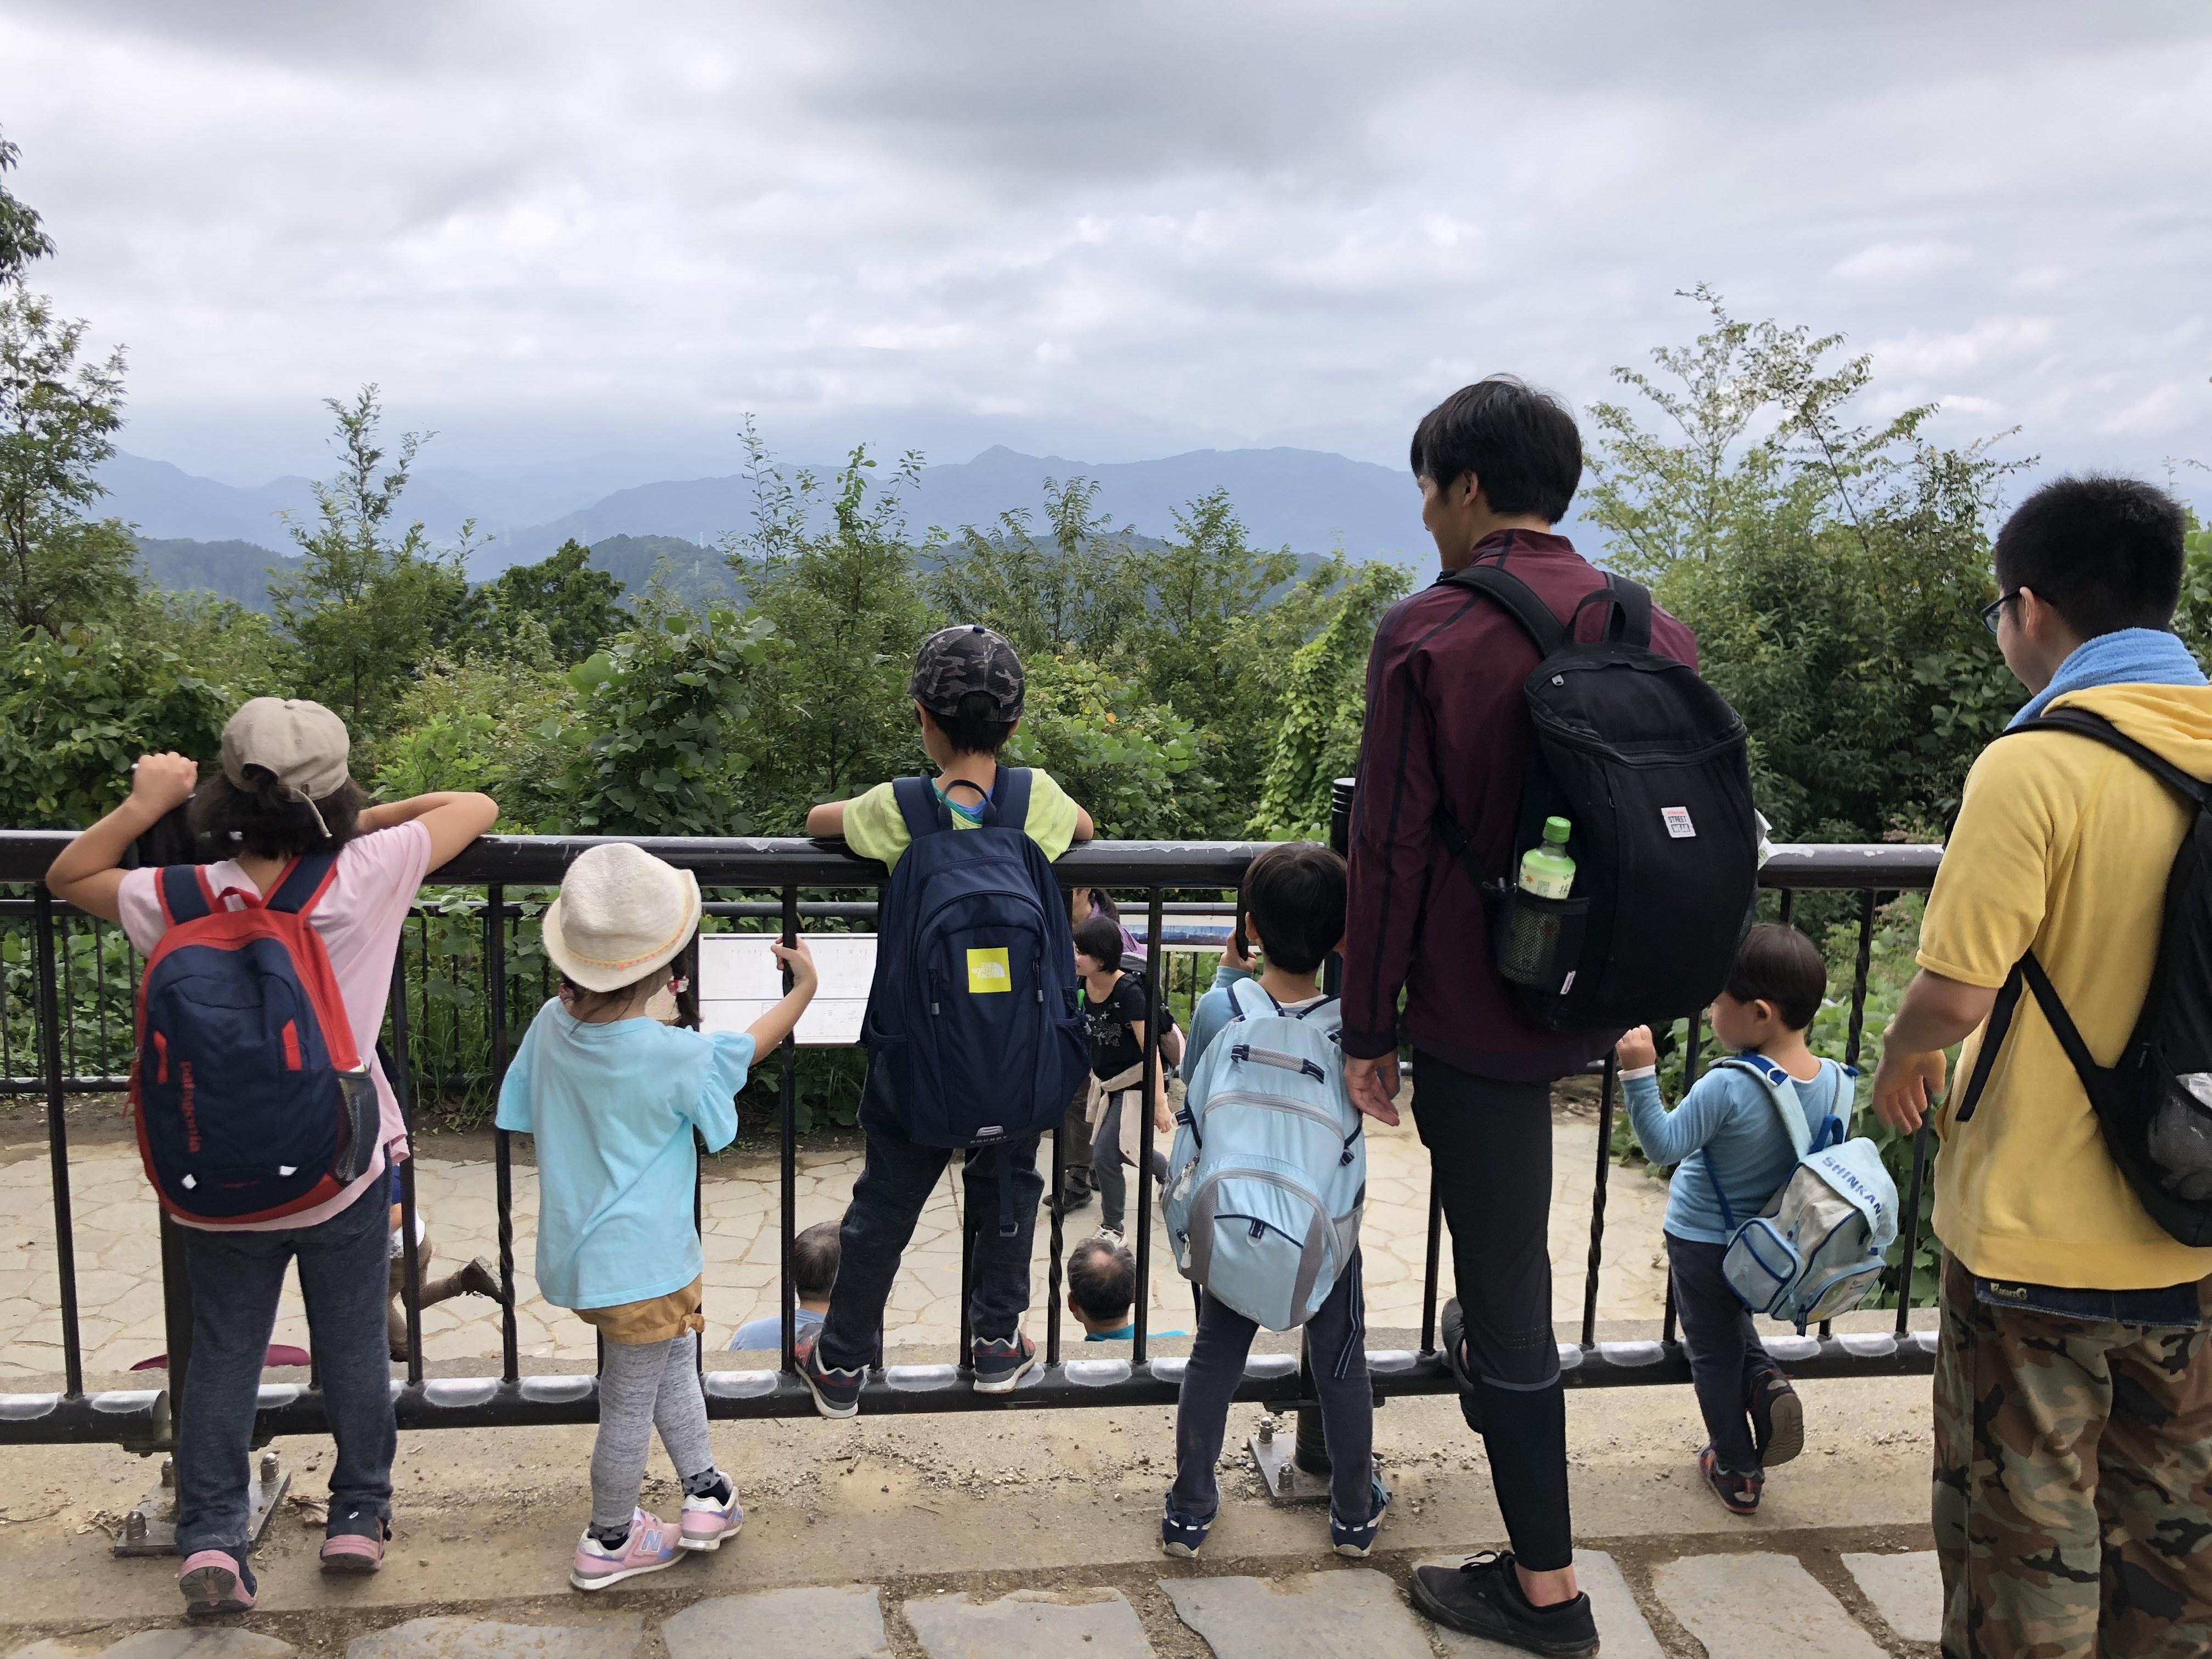 発達障害の子どもたちと療育で山にハイキングに行きました。